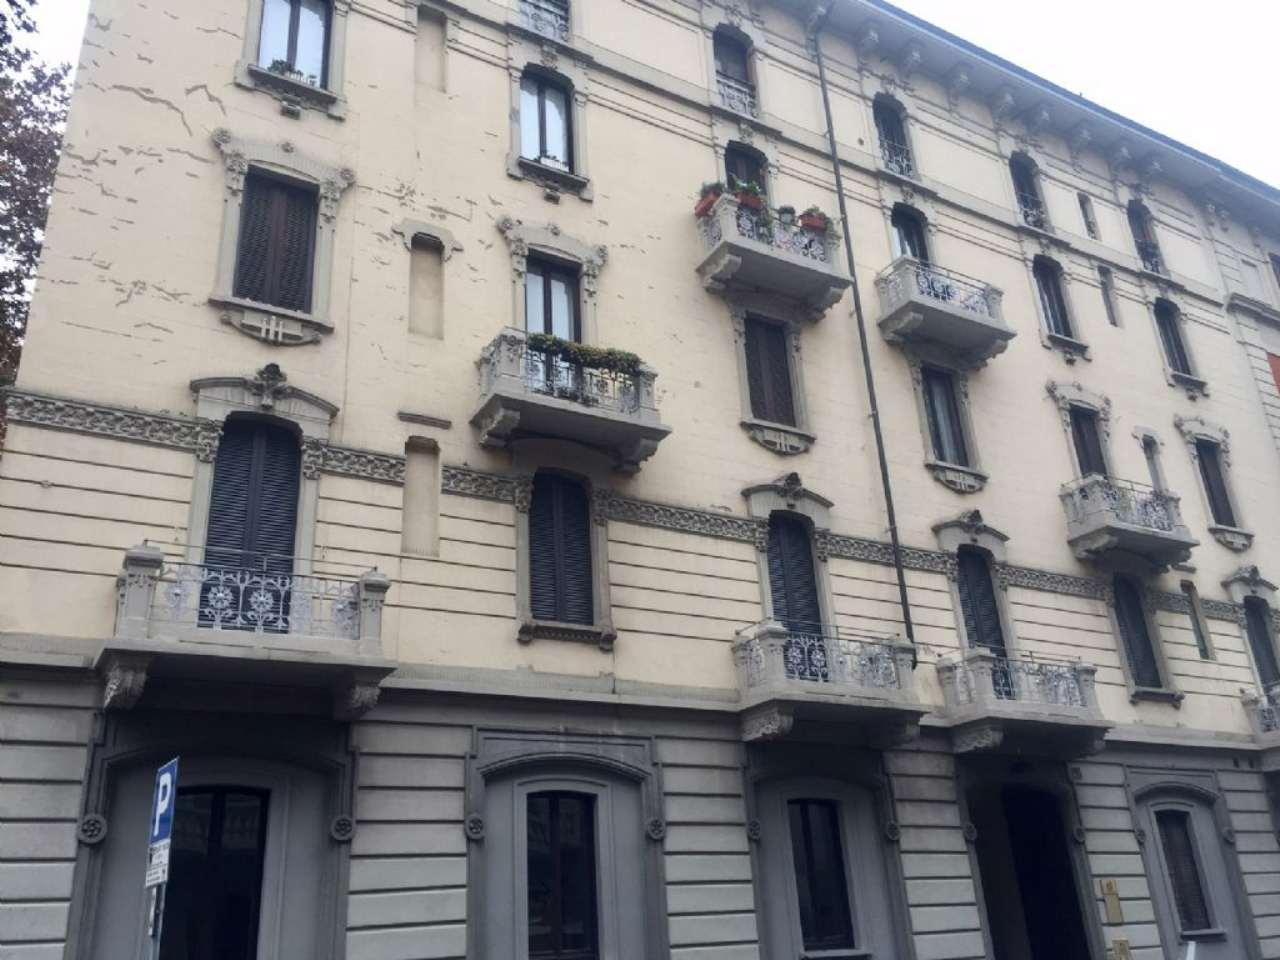 Appartamento in vendita a Milano, 3 locali, zona Zona: 12 . De Angeli, Vercelli, Washington, Sicilia, S. Michele del Carso, prezzo € 650.000   Cambio Casa.it